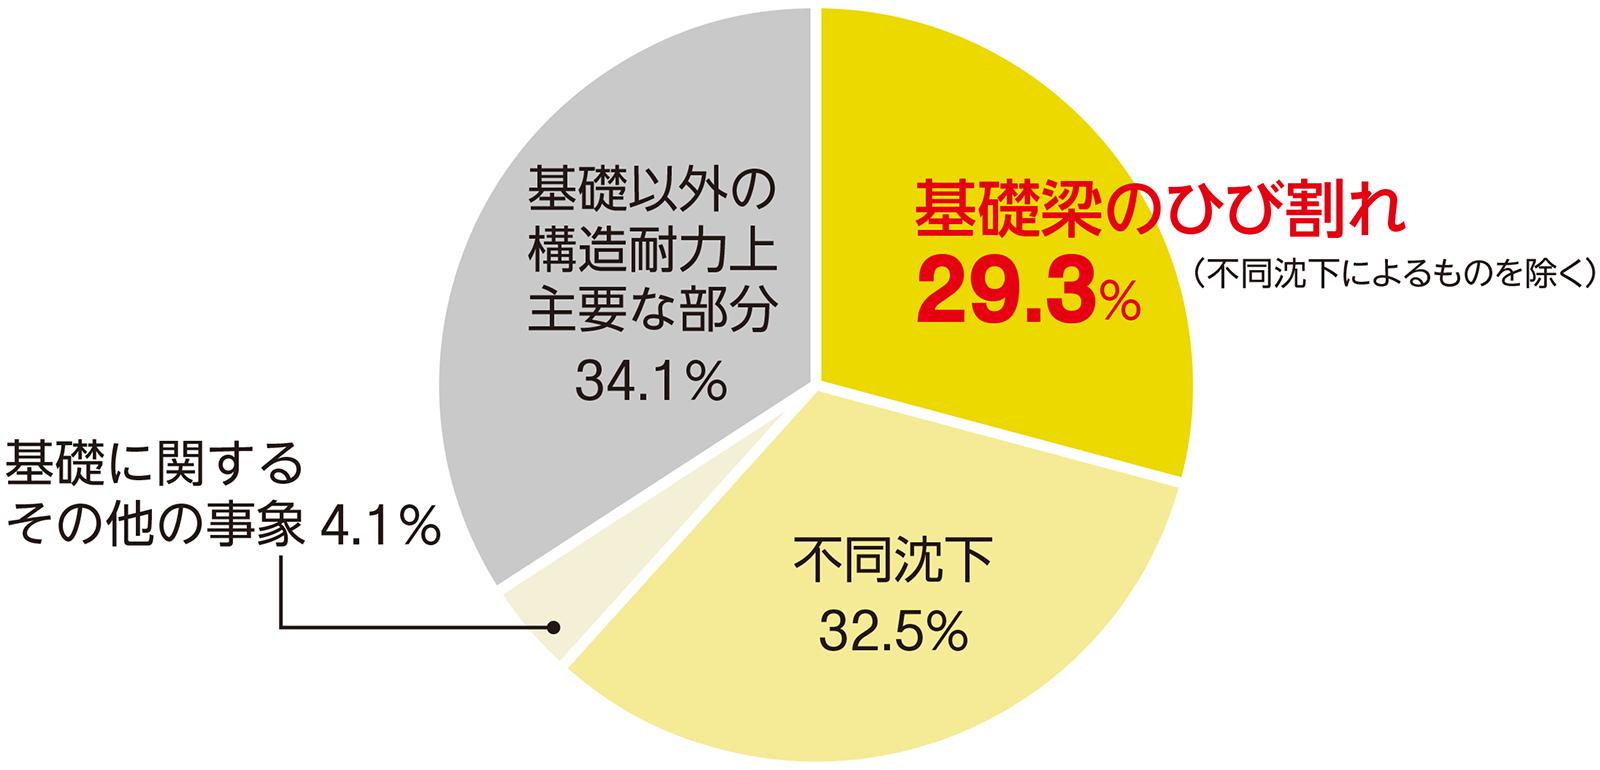 瑕疵保険の支払い対象となった構造的な不具合の3割が「基礎のひび割れ」 日本住宅保証検査機構が瑕疵保険の保険金を支払った「構造耐力上主要な部分」の事故の内訳。2008年12月~20年3月に保険契約したうち、20年3月までに保険金を支払った事故が対象(資料:日本住宅保証検査機構)